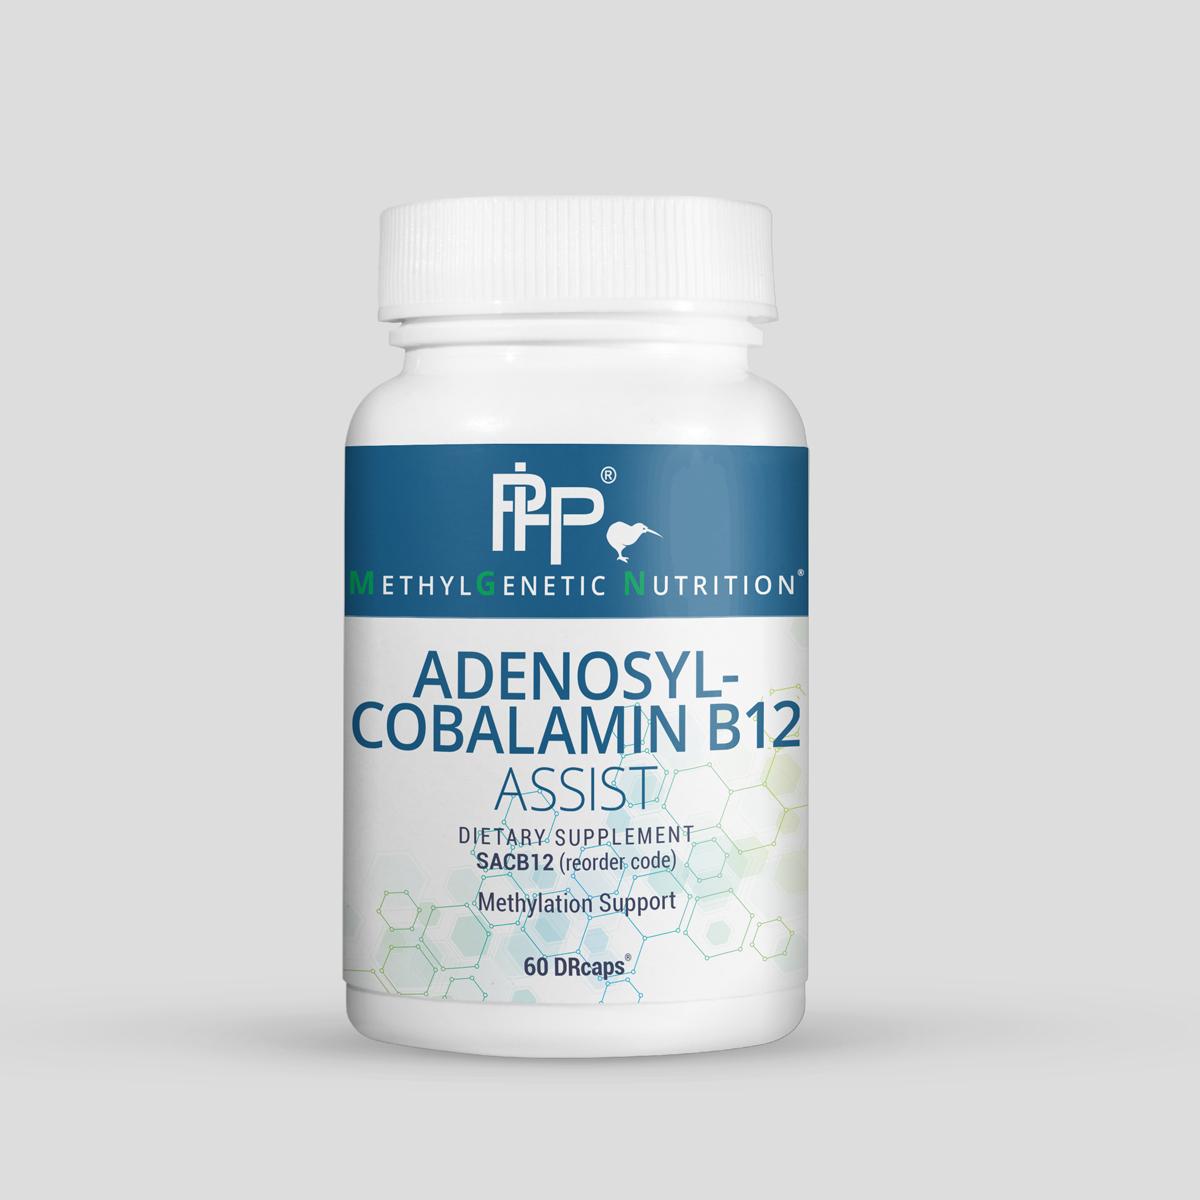 Adenosyl-Cobalamin B12 Assist